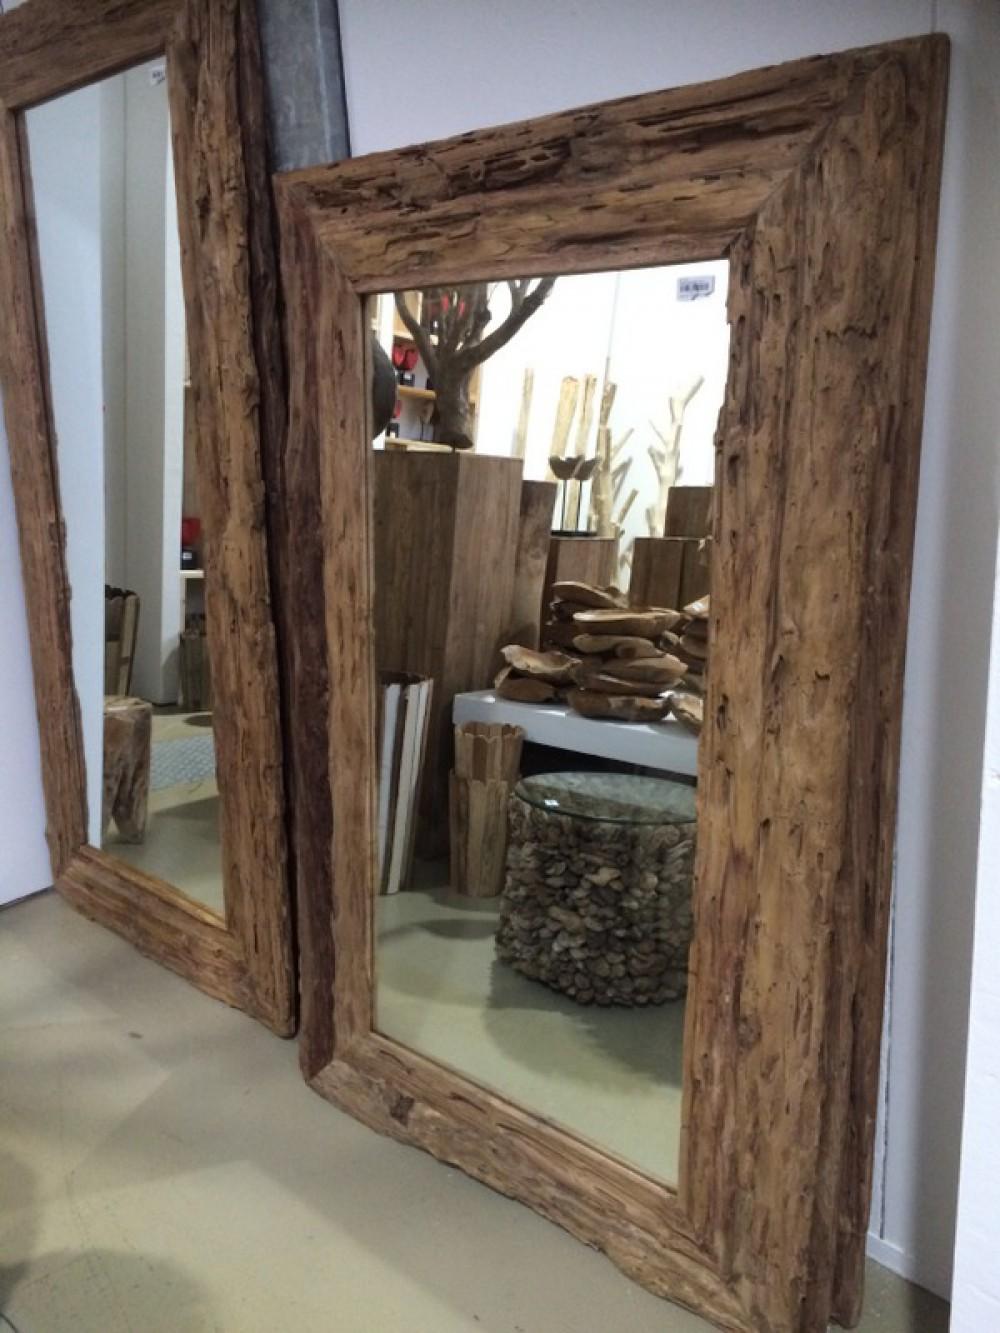 spiegel teakholz recycled wandspiegel holzrahmen ma e. Black Bedroom Furniture Sets. Home Design Ideas